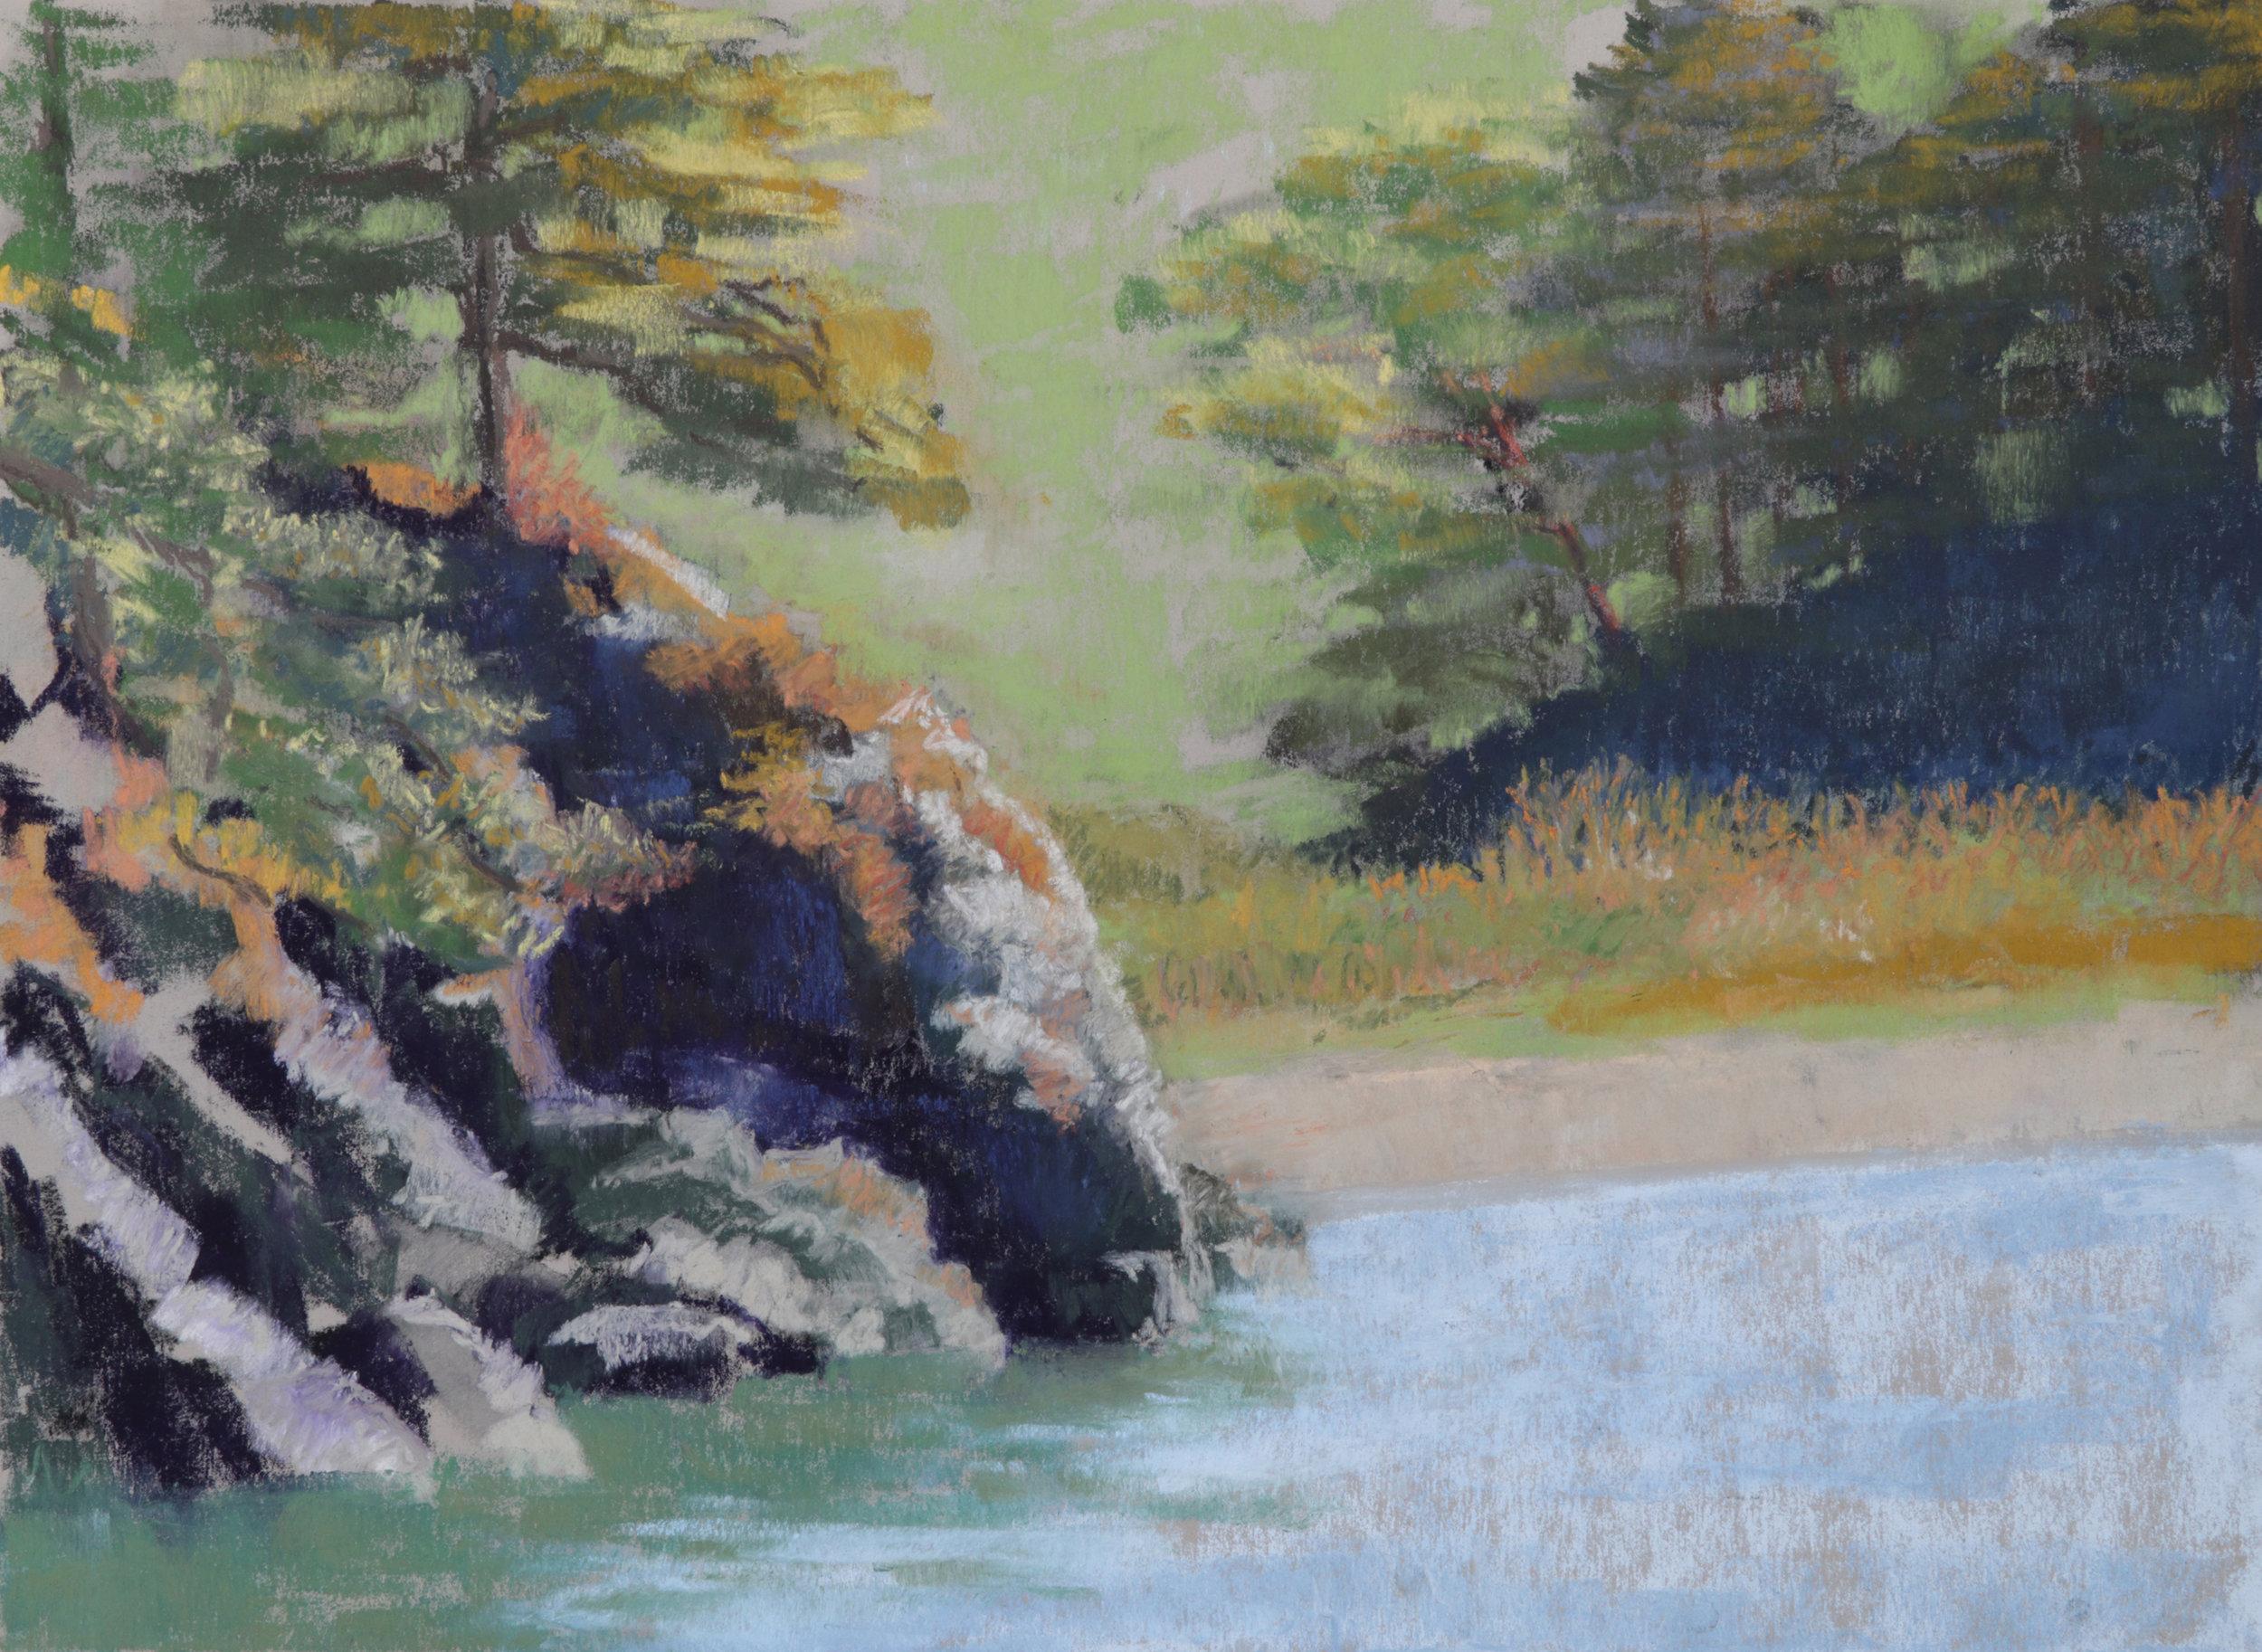 Bowman Bay 12x16 Soft Pastel